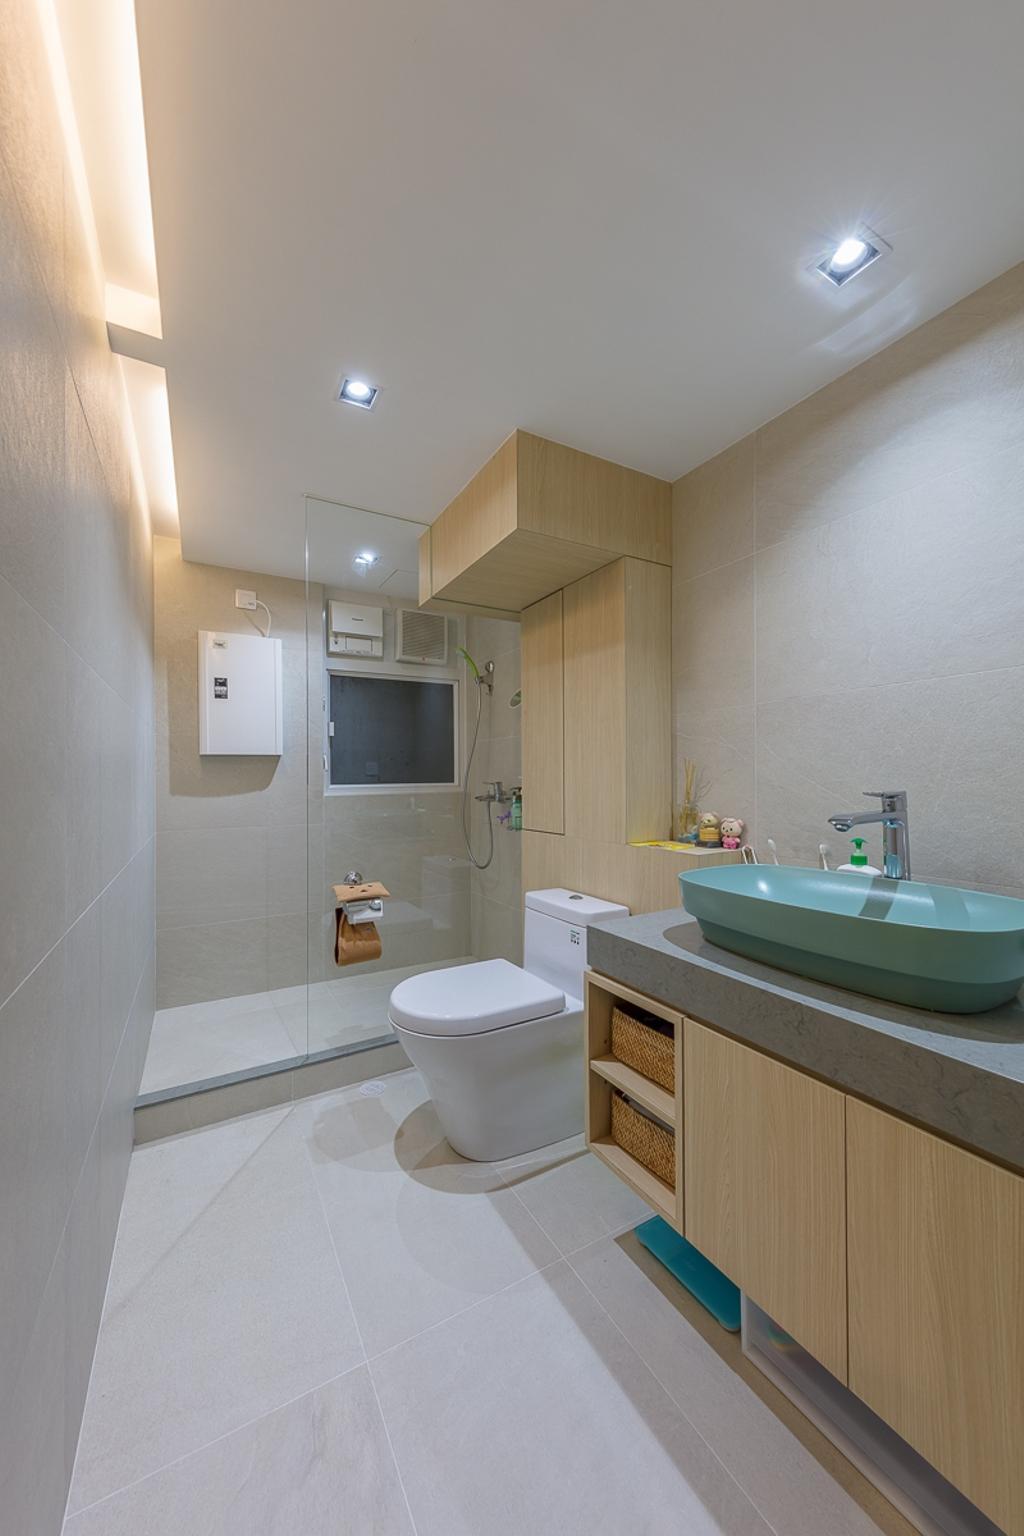 公屋/居屋, 浴室, 寶琳邨, 室內設計師, am PLUS